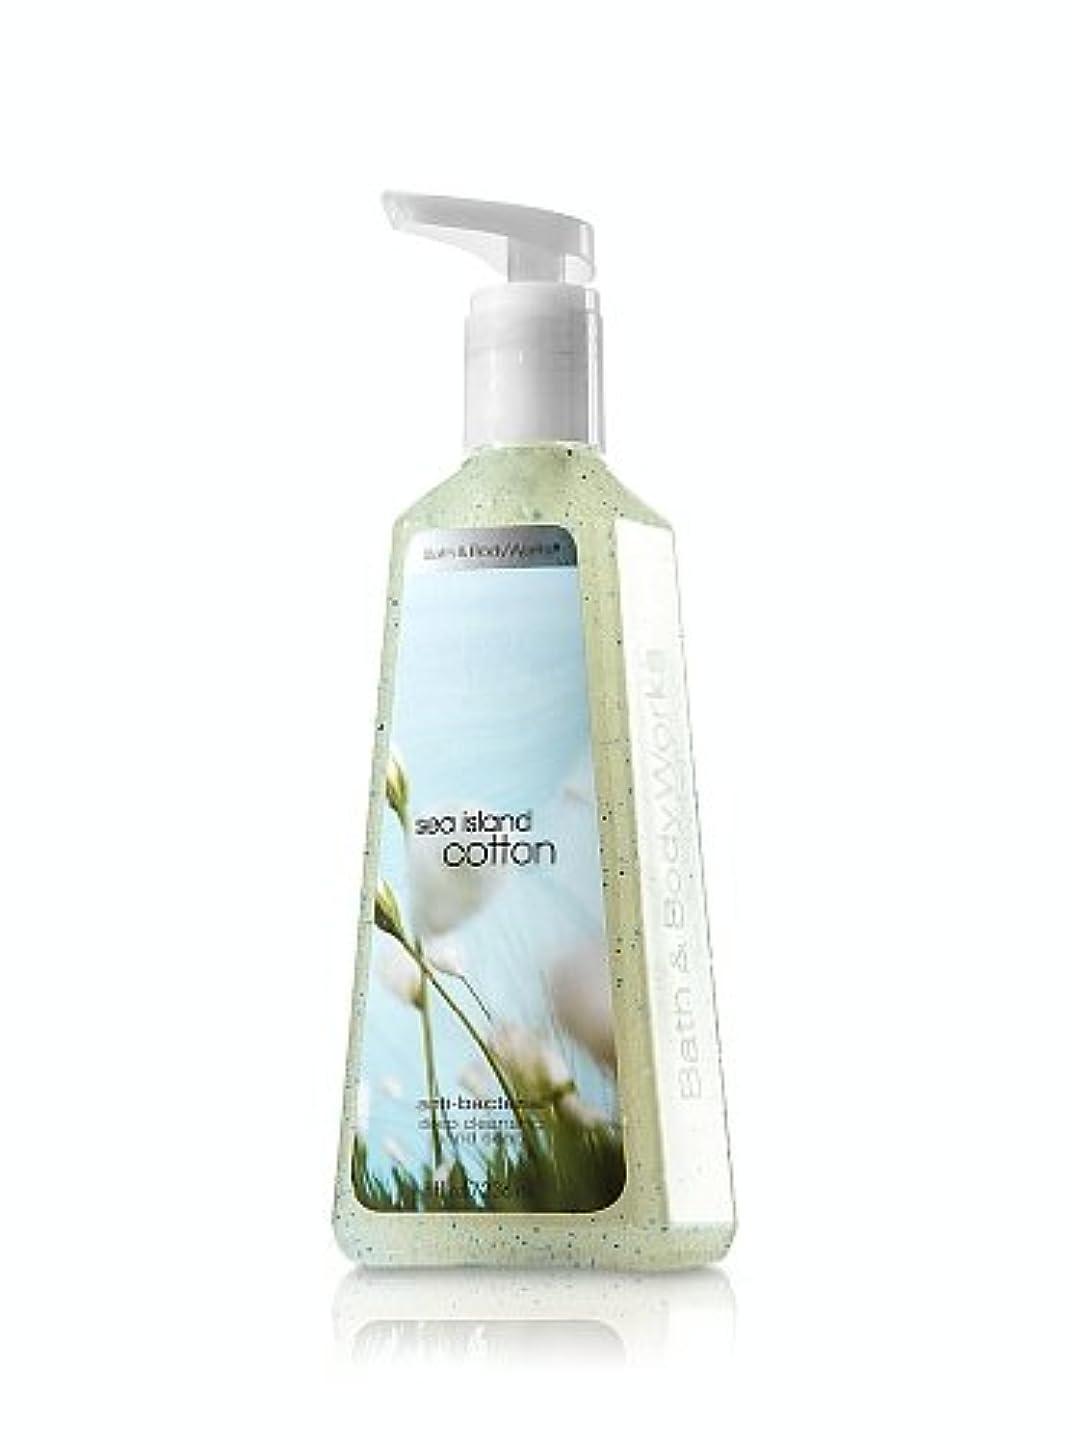 信者チート競争バス&ボディワークス シーアイランドコットン ディープクレンジングハンドソープ Sea Island Cotton Deep Cleansing Hand Soap [並行輸入品]